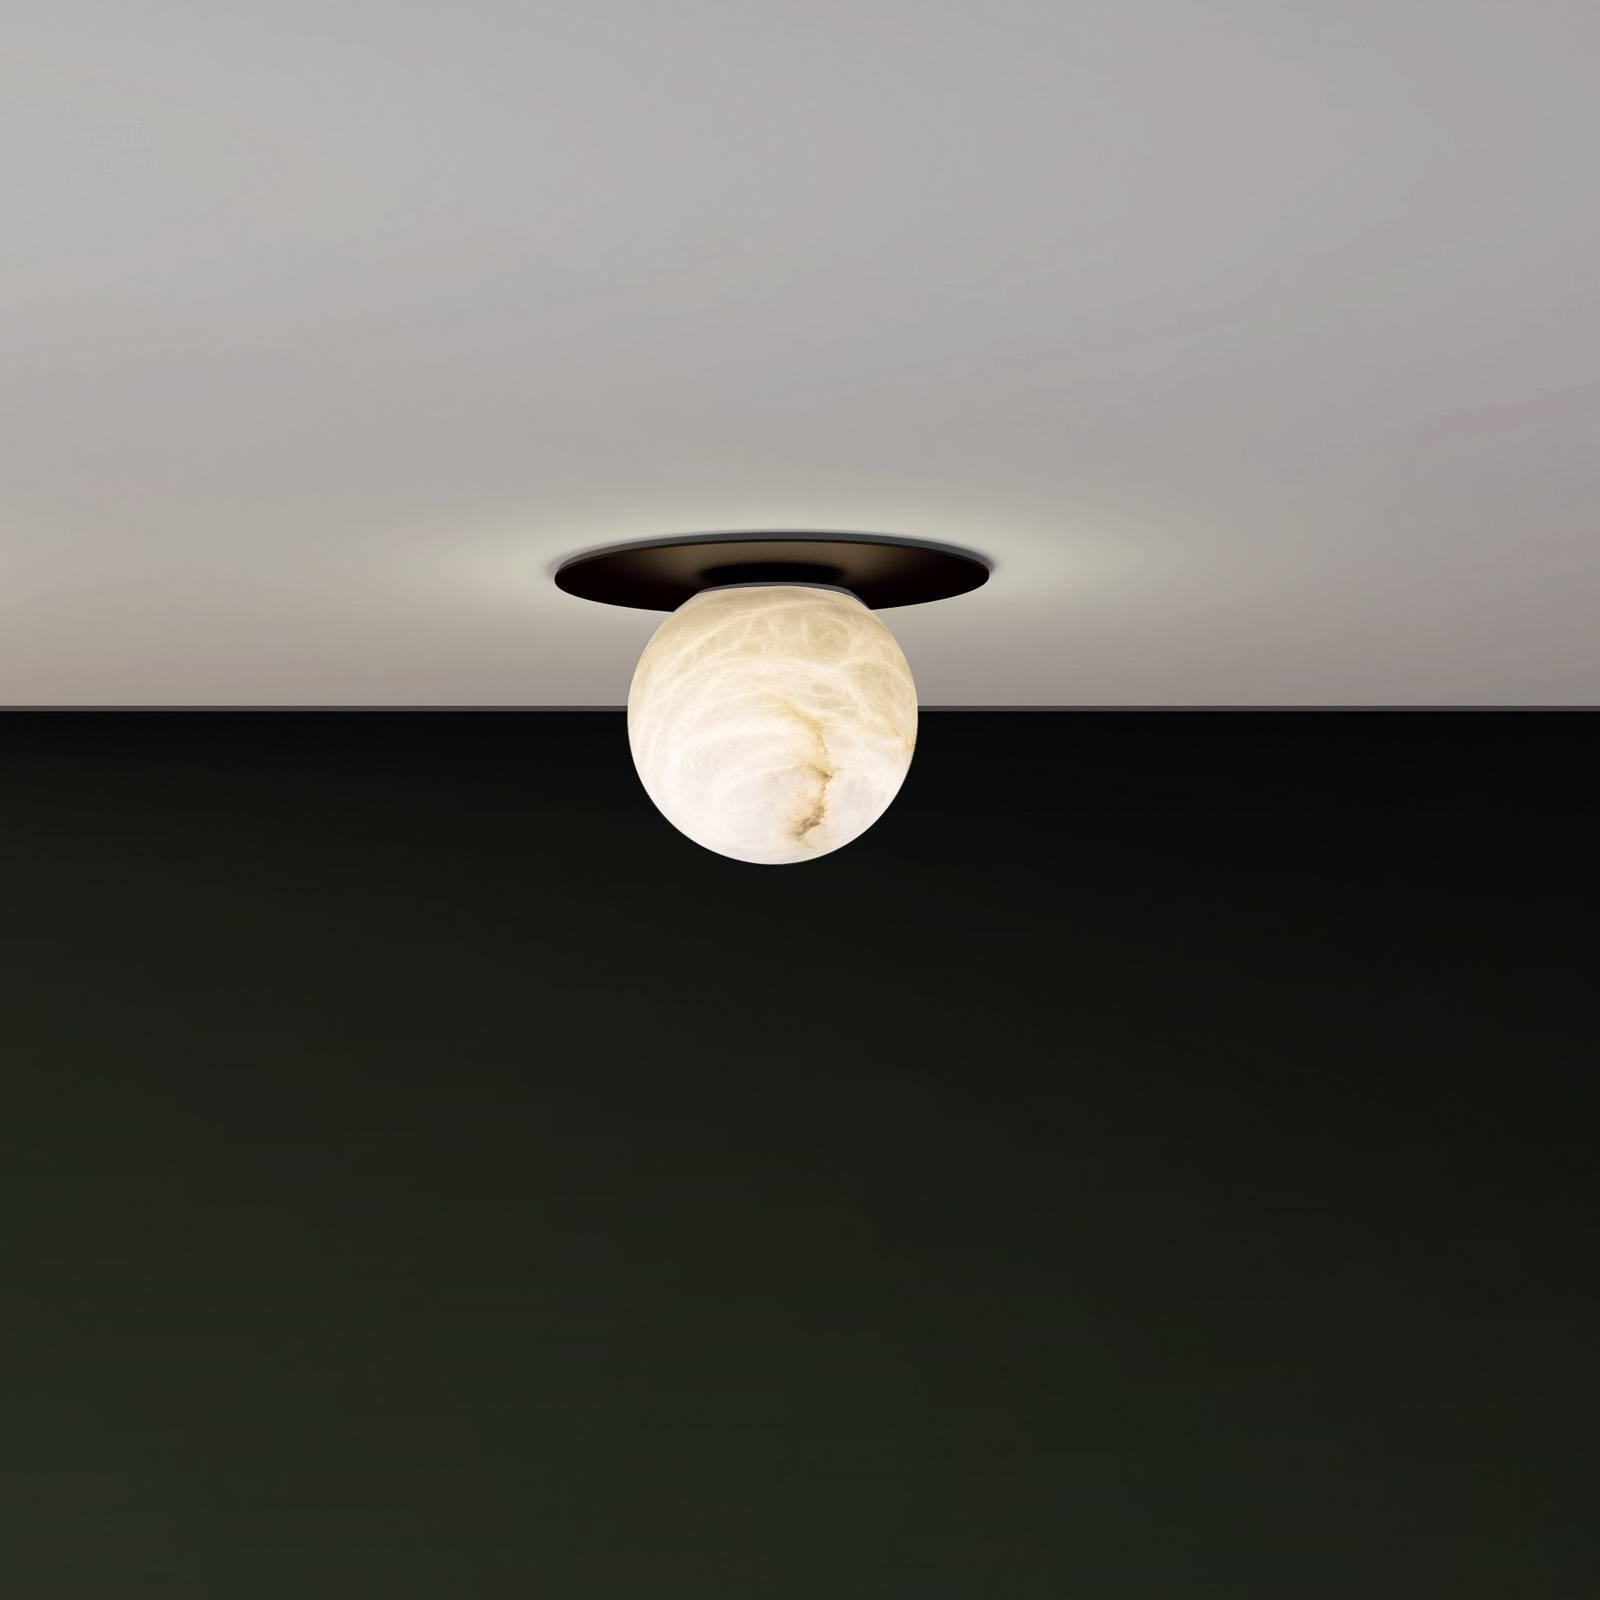 Lampa sufitowa wpuszczana LED Tribeca Downlight